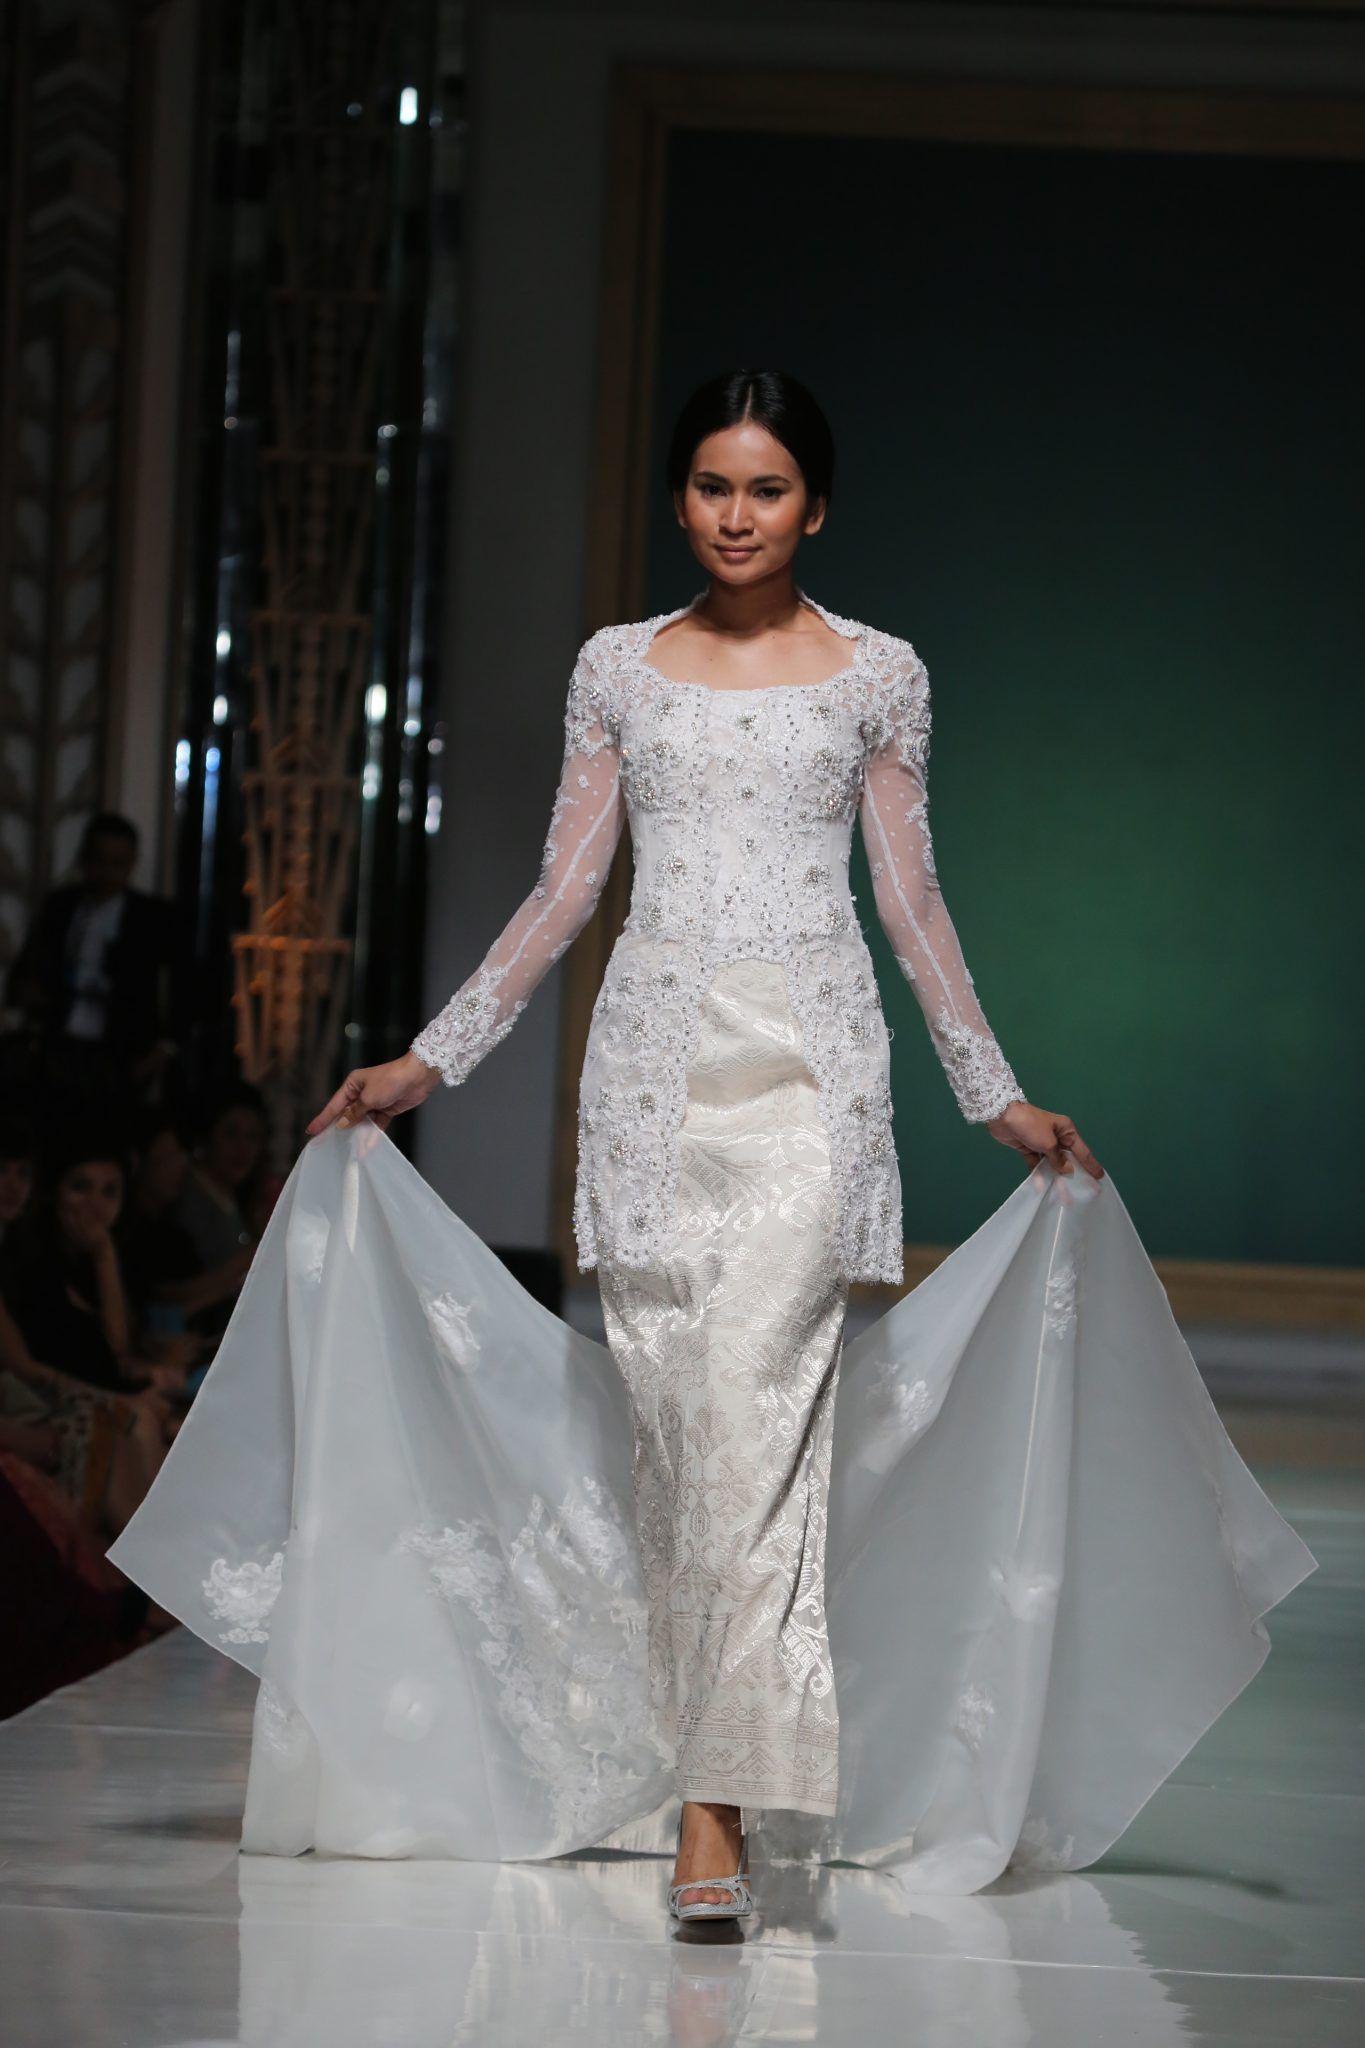 Di t Maulana yang terkenal akan kecintaannya terhadap ikat ternyata juga memiliki line fashion untuk pengantin Indonesian KebayaBride